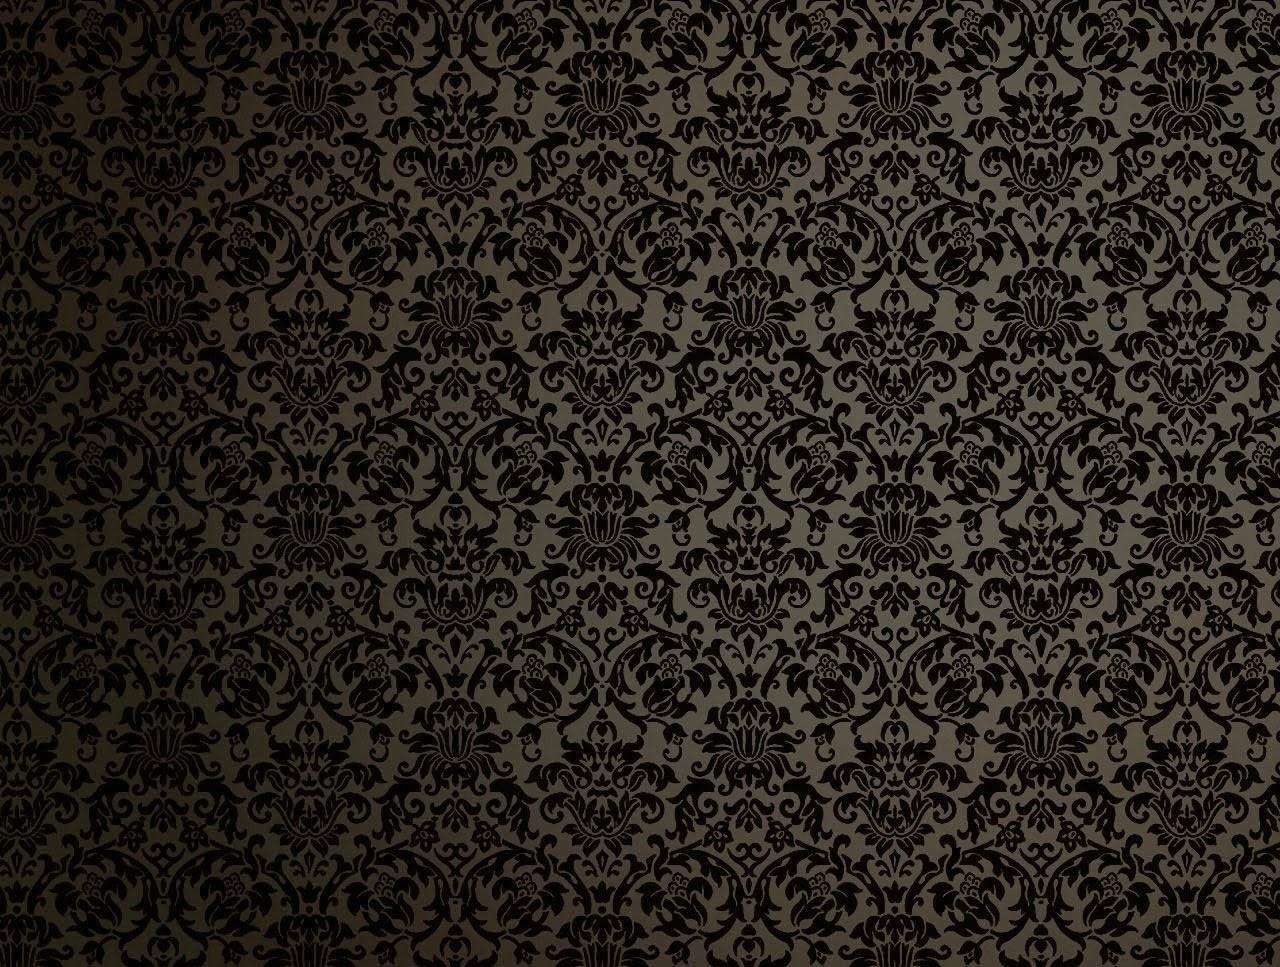 Free Download Black Damask Wallpaper Black Damask Wallpaper